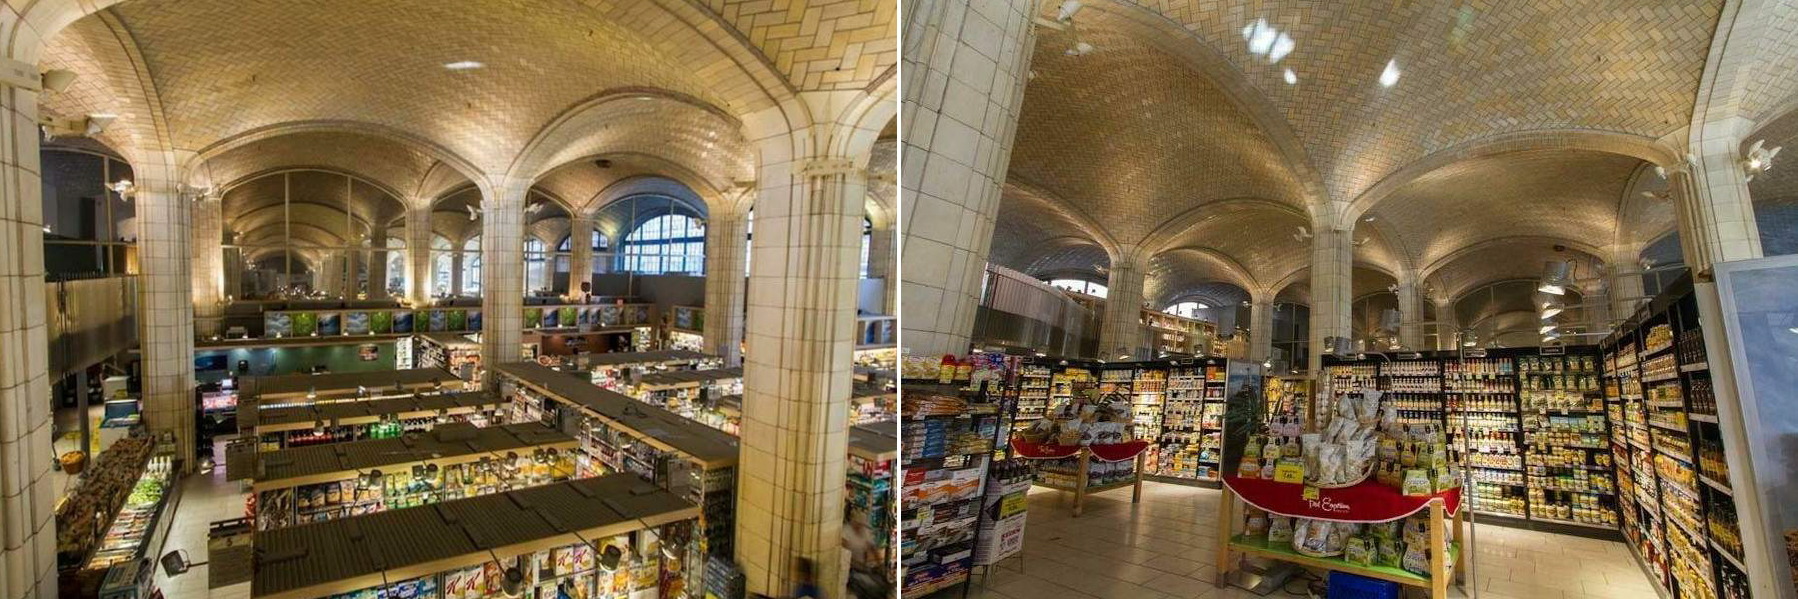 Photos of the space under the Queensboro Bridge as the Food Emporium